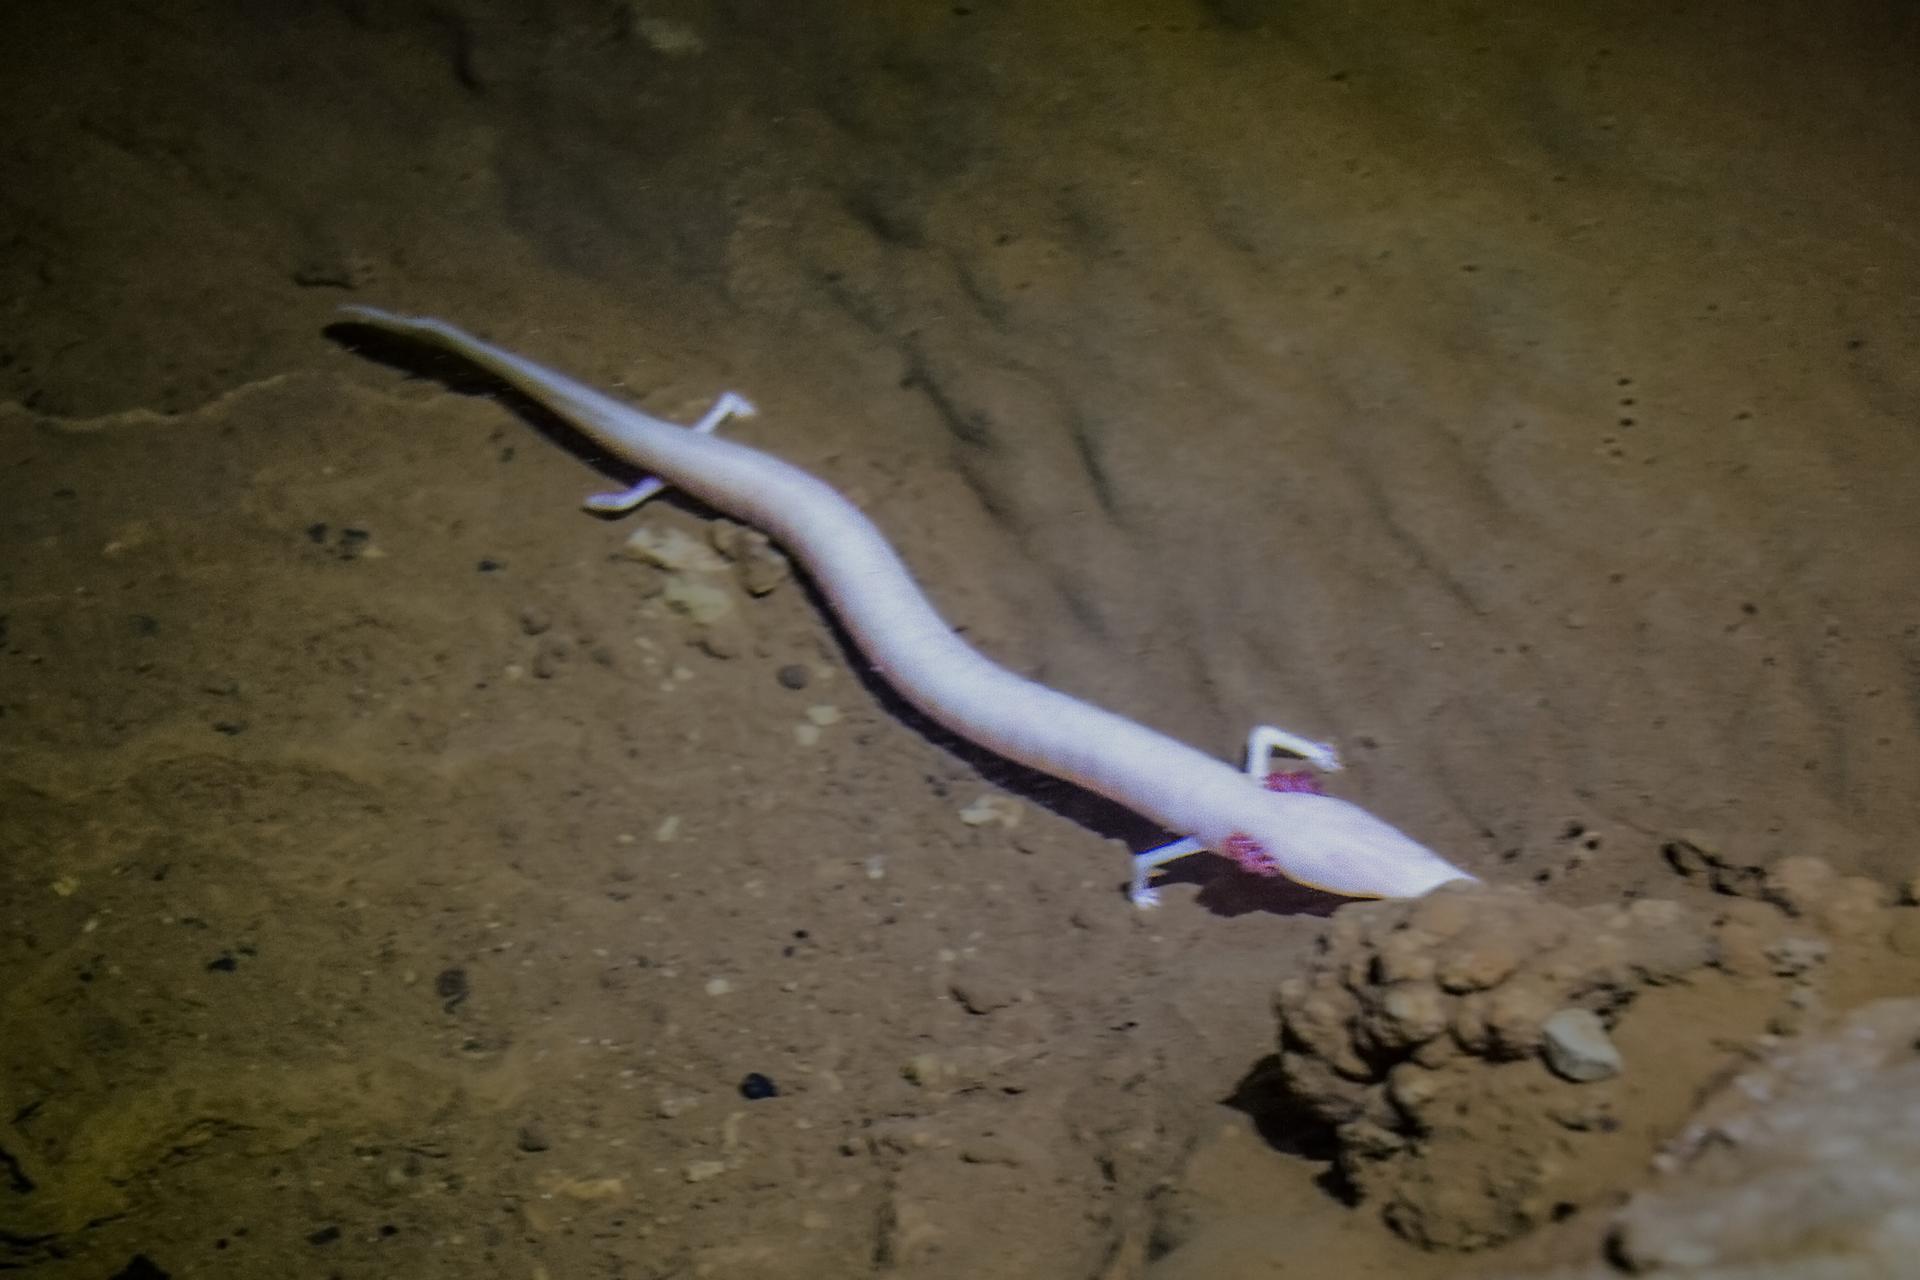 Fotografia przedstawia długie, jasnoróżowe, robakowate, czworonożne ciało odmieńca leżącego na dnie jaskini. Odmieniec wsunął głowę pod kamienie.